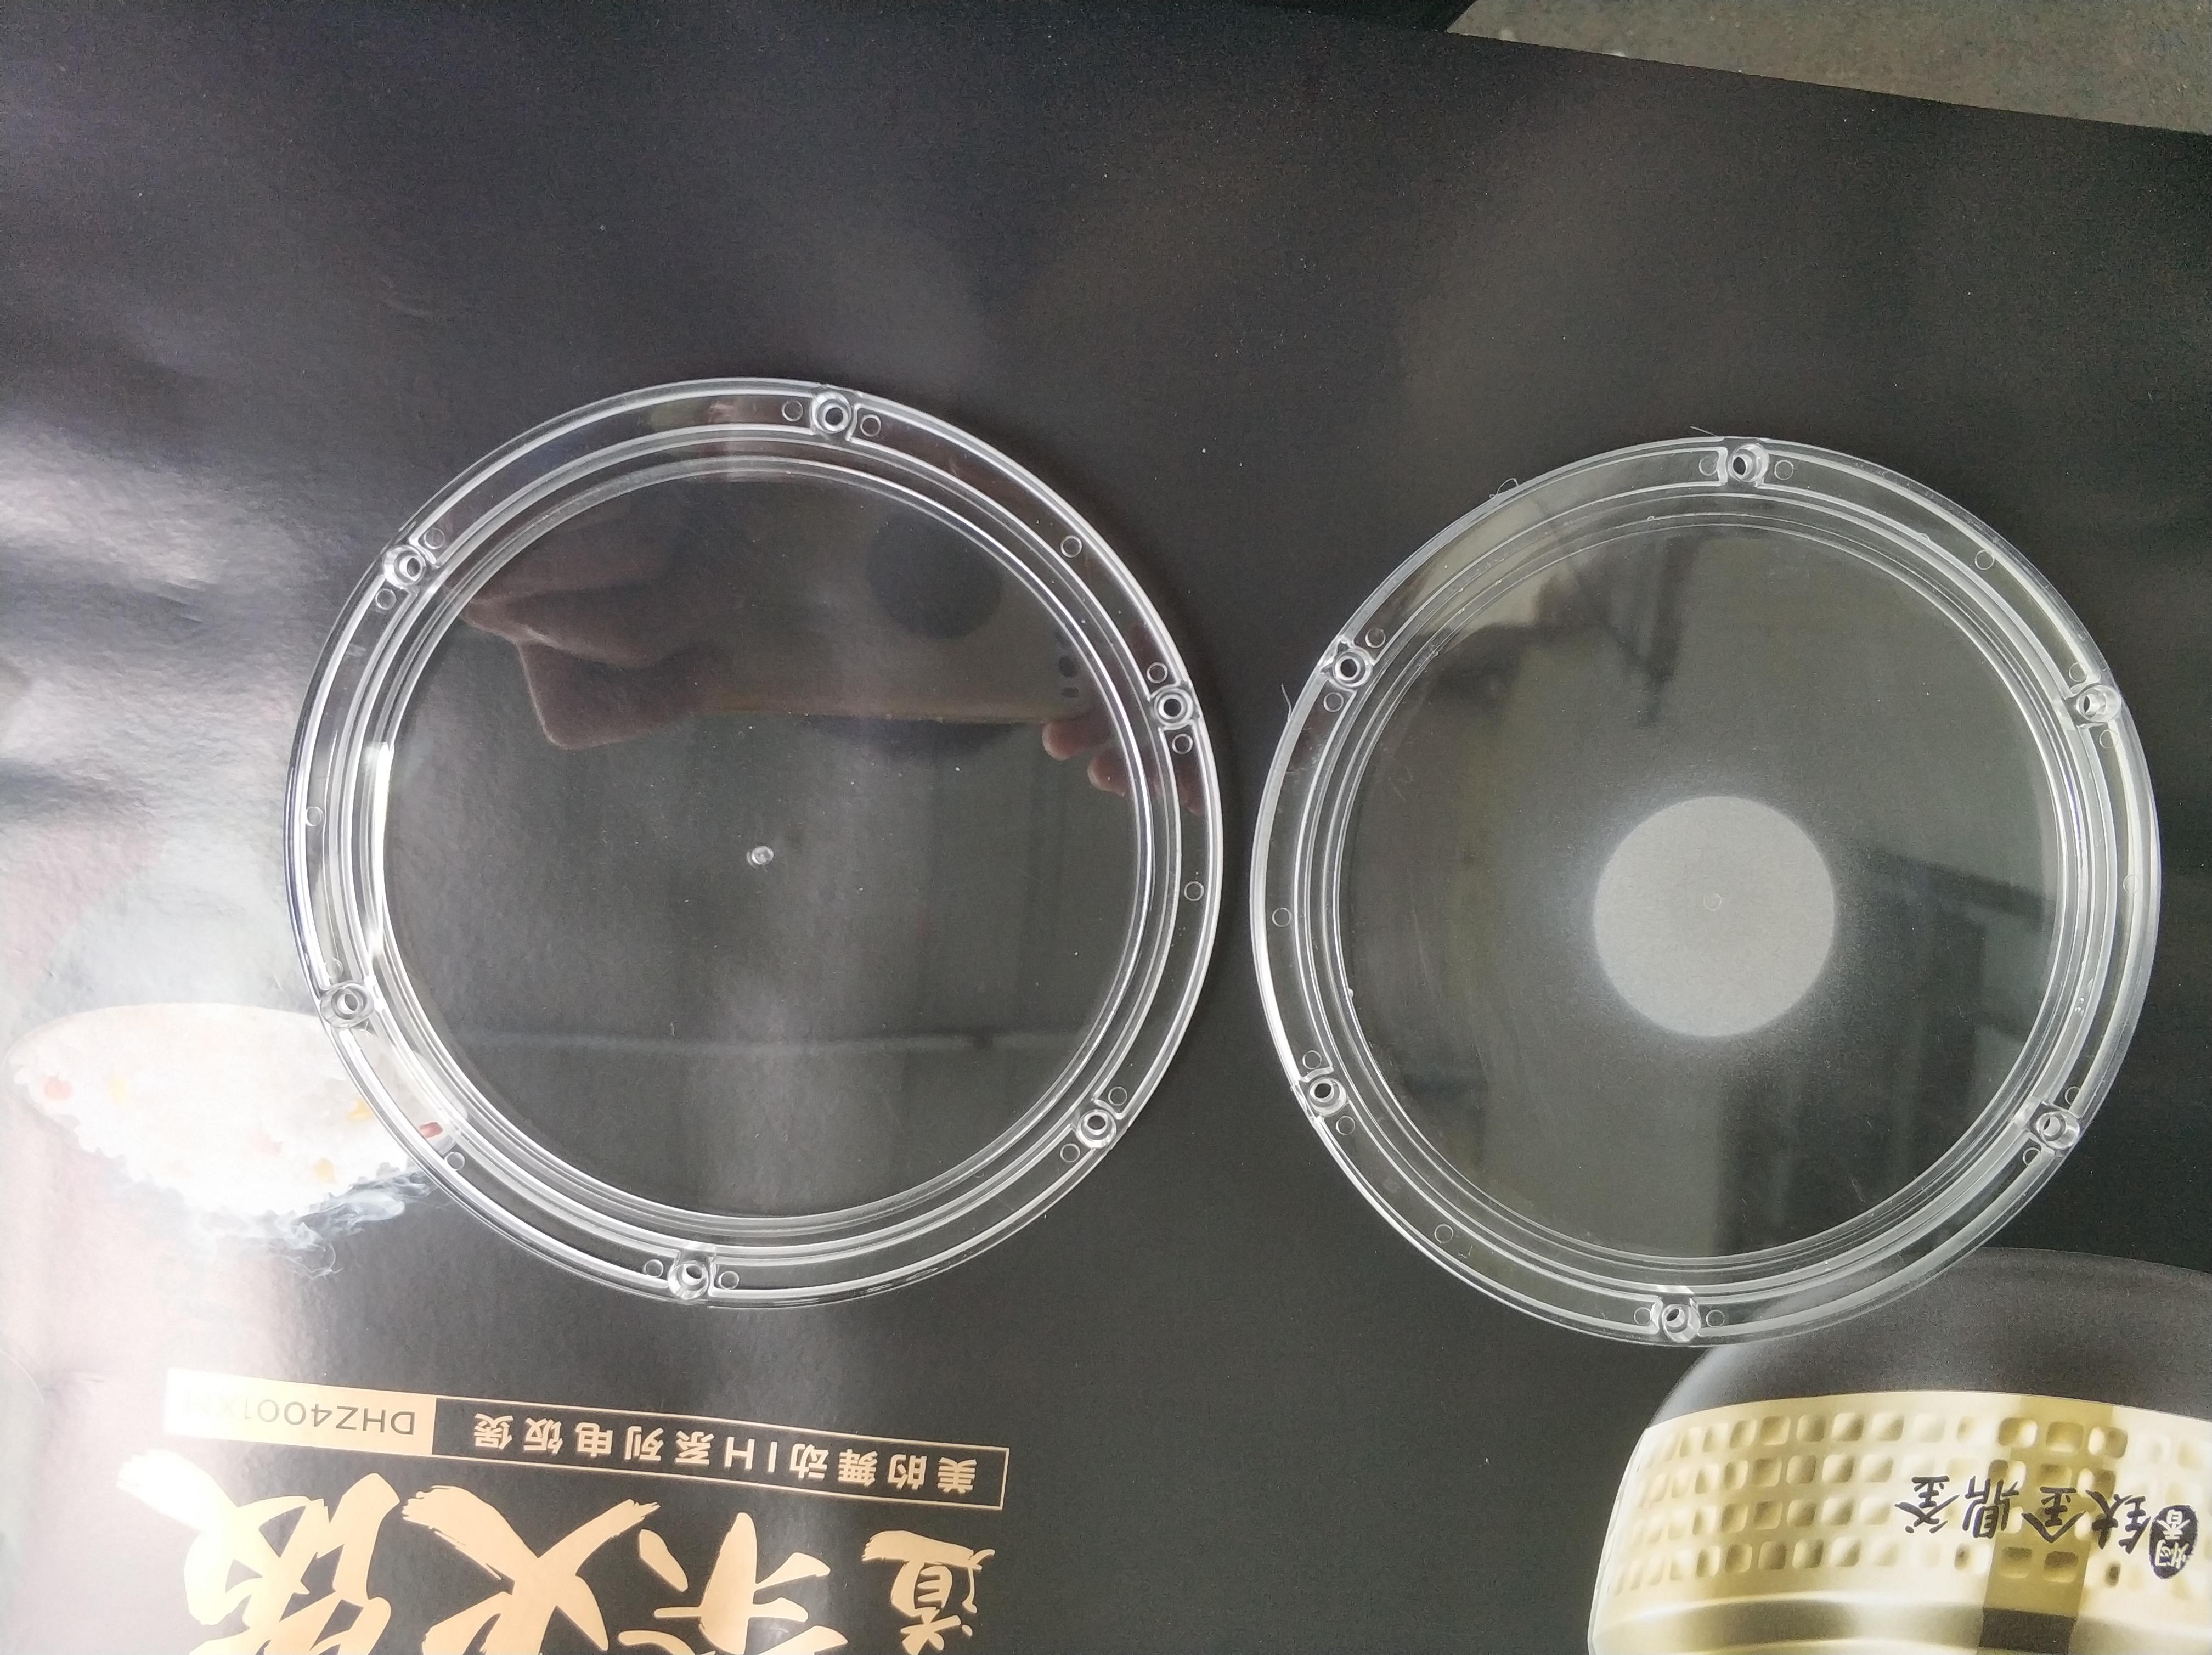 深圳玻璃喷砂加工东莞亚克力喷砂加工厂